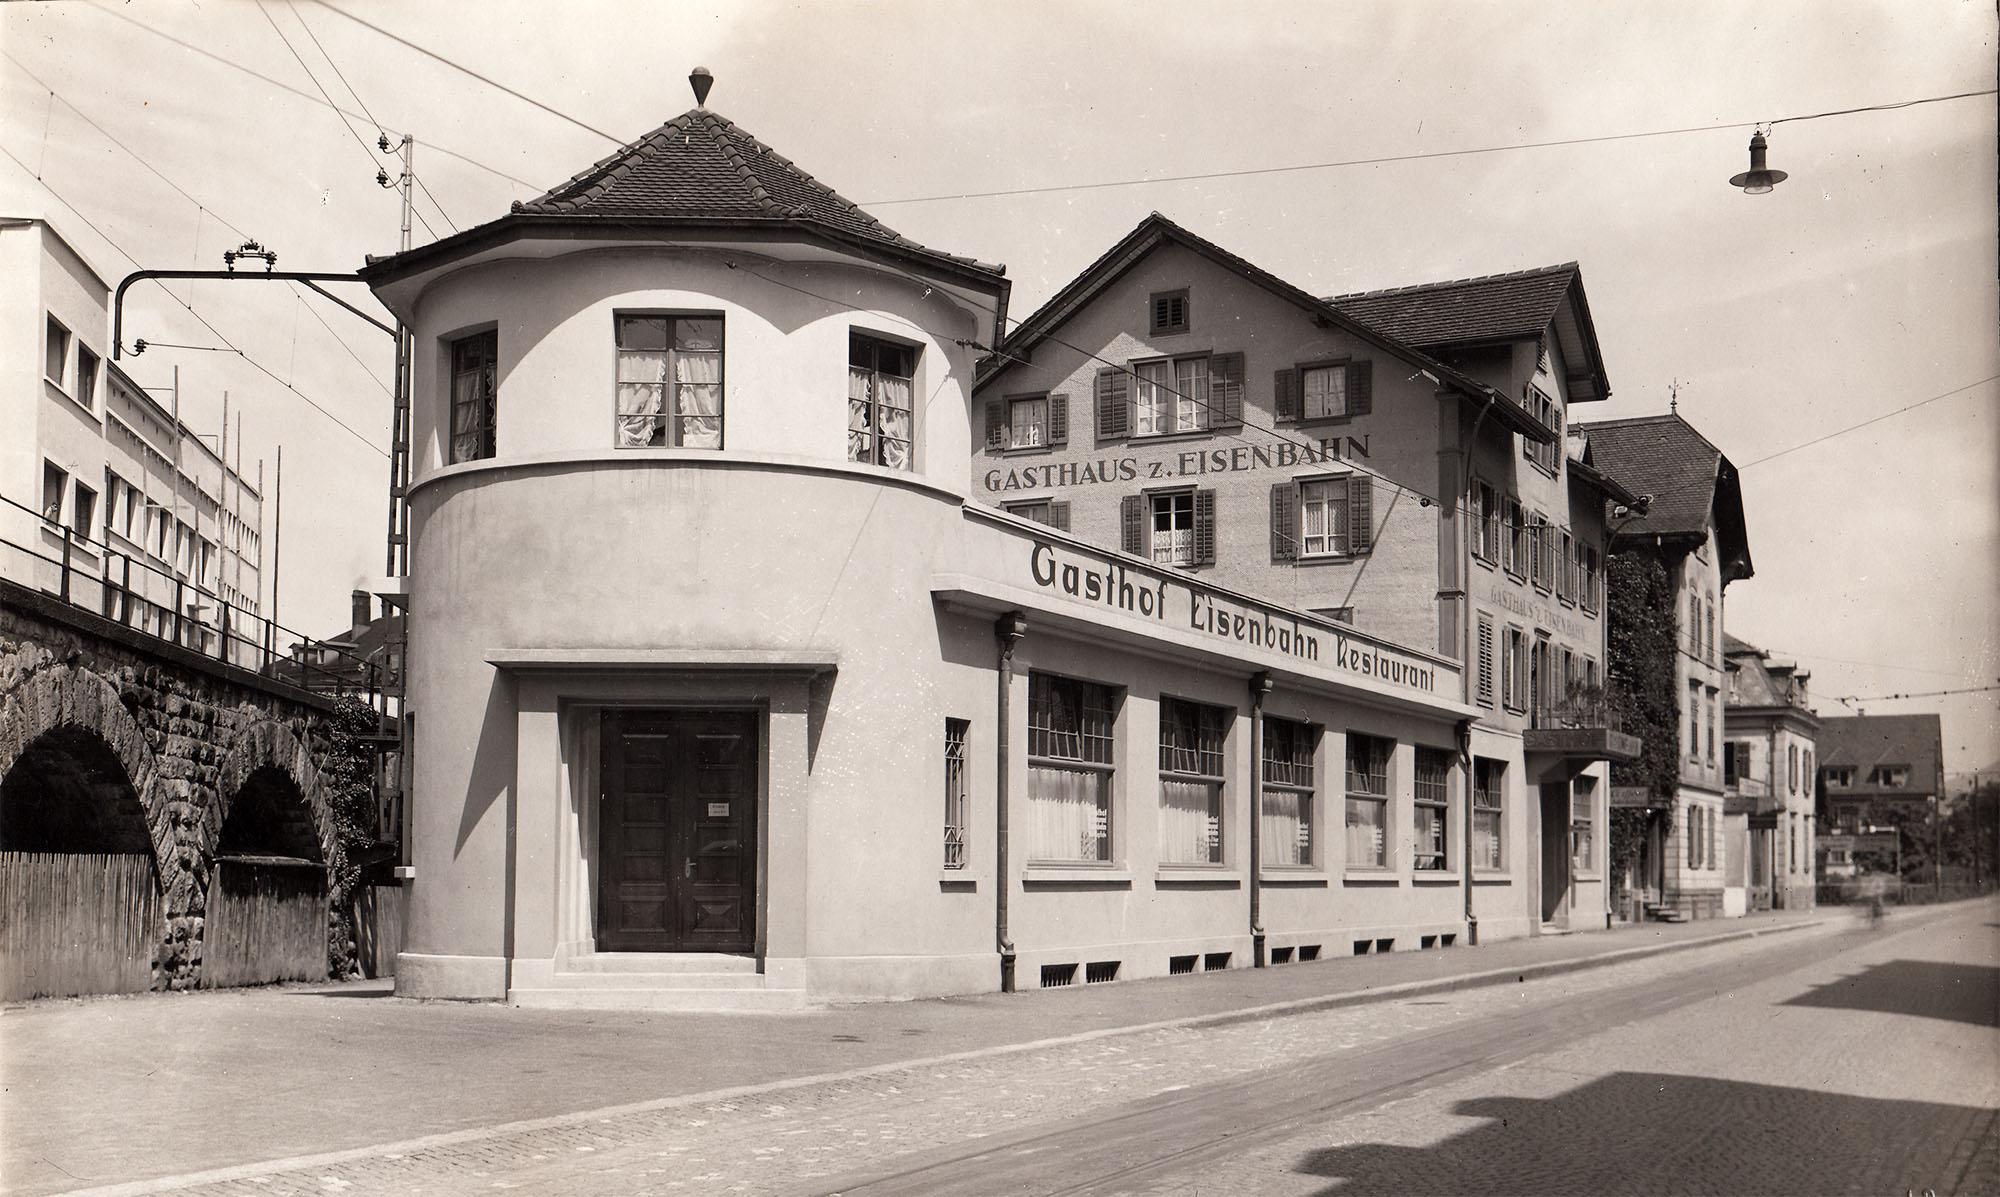 Gasthof Eisenbahn Zug